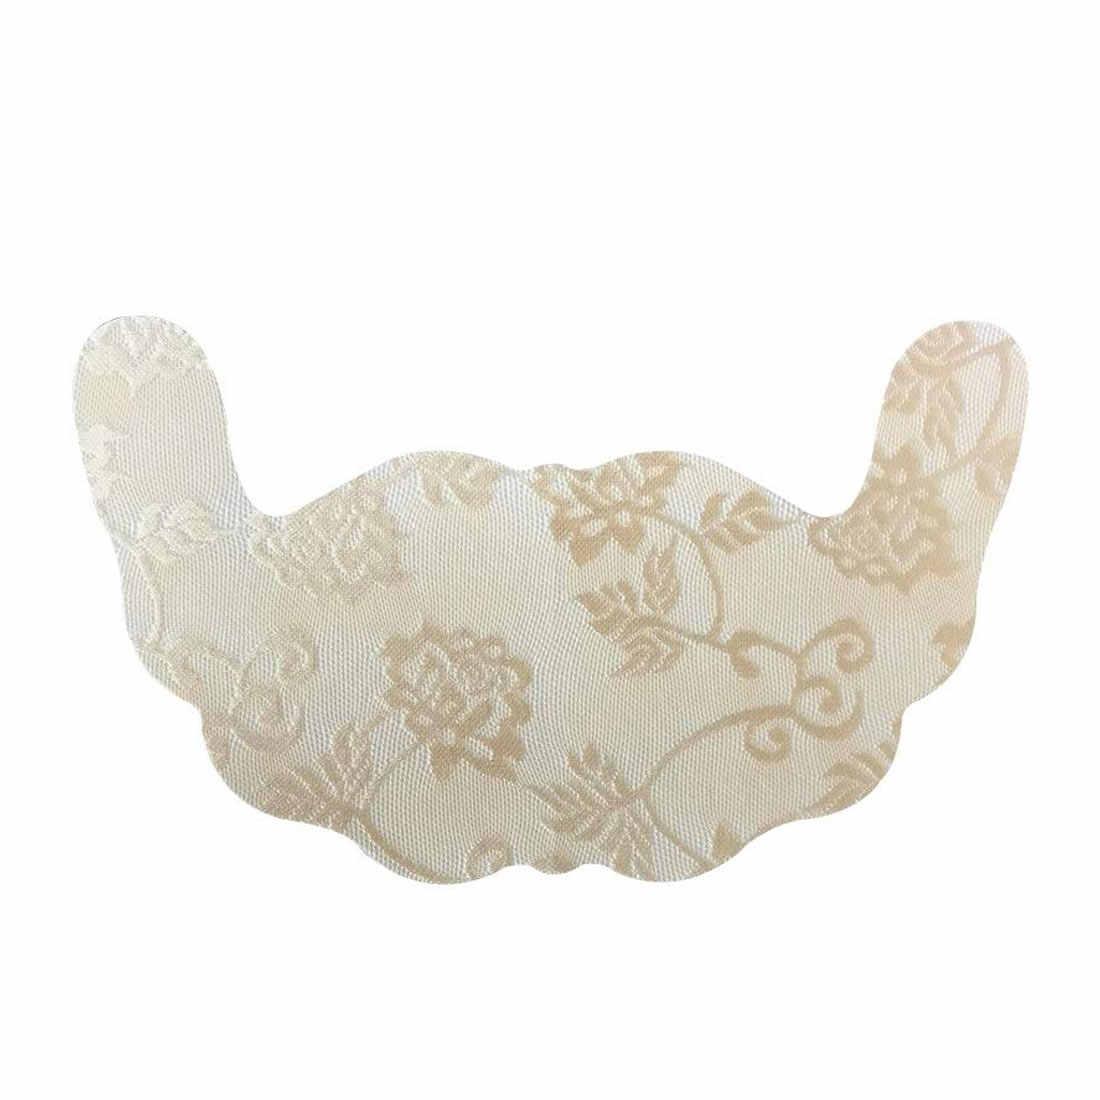 En forma de U mujeres Sexy adhesivo Push Up pezón almohadillas invisibles para levantar el pecho sujetador superior cinta adhesiva pegar desechable pasta para el pecho